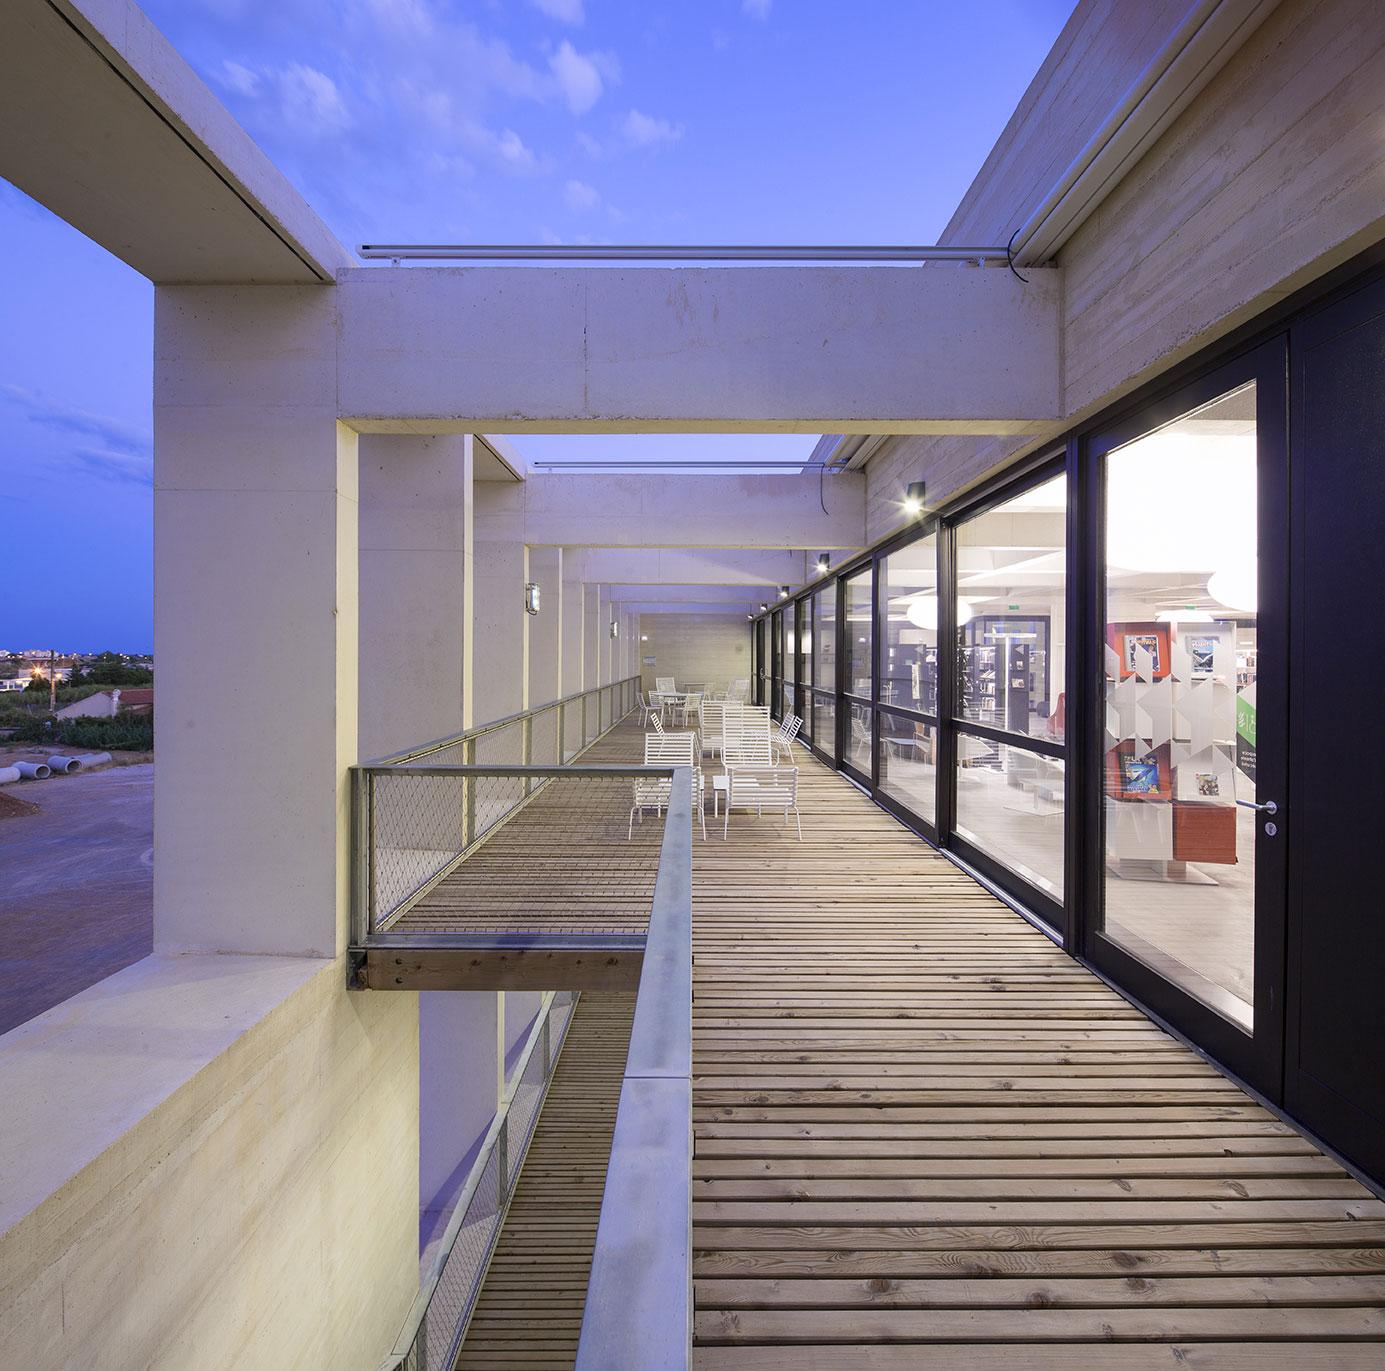 Tautem architecture - mediatheque Montaigne Frontignan - terrasse de lecture et arcades en béton - vue du soir